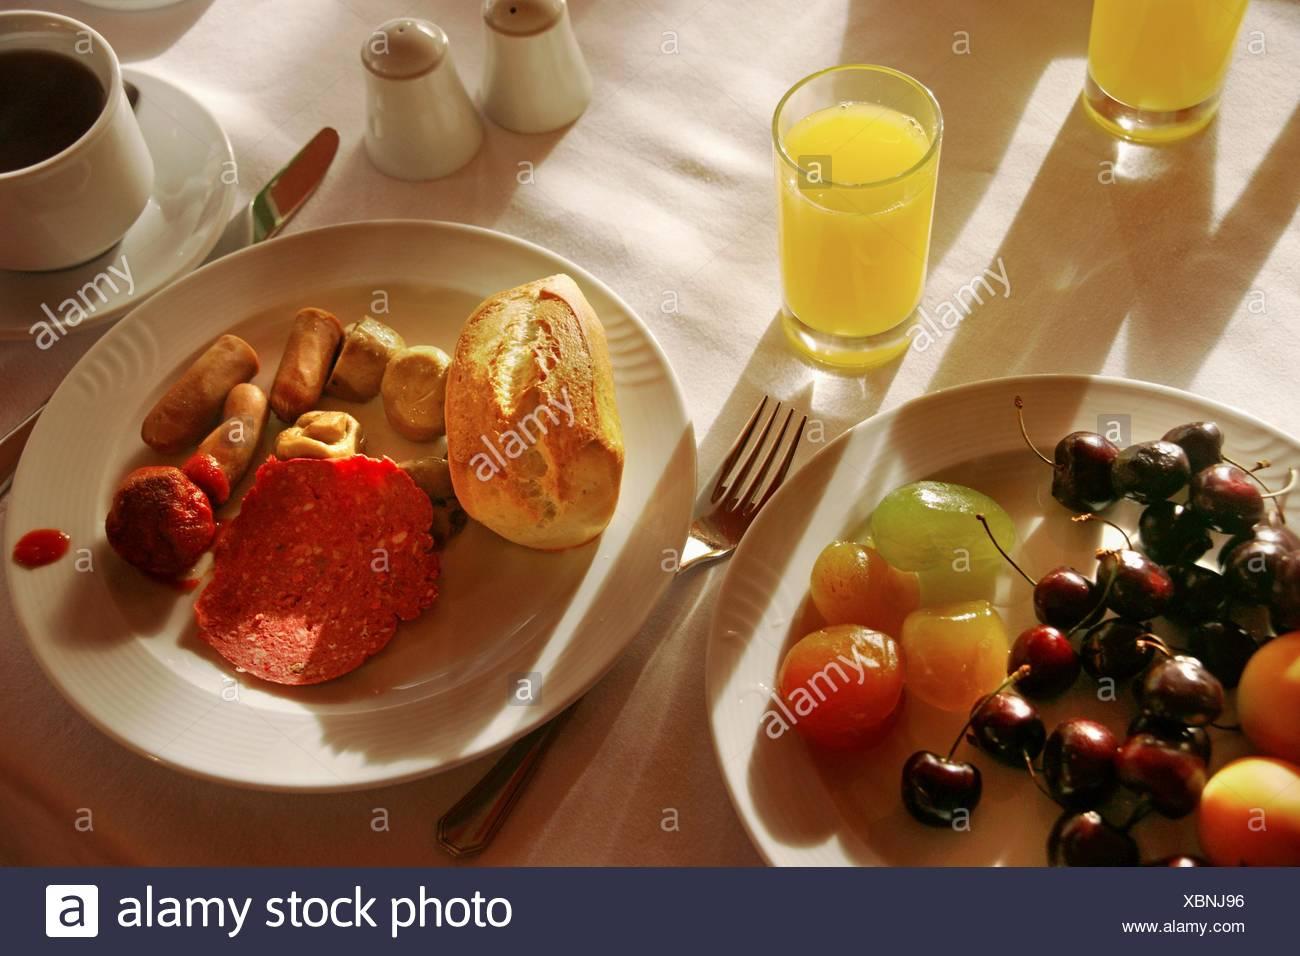 Frühstück, Damaskus, Syrien